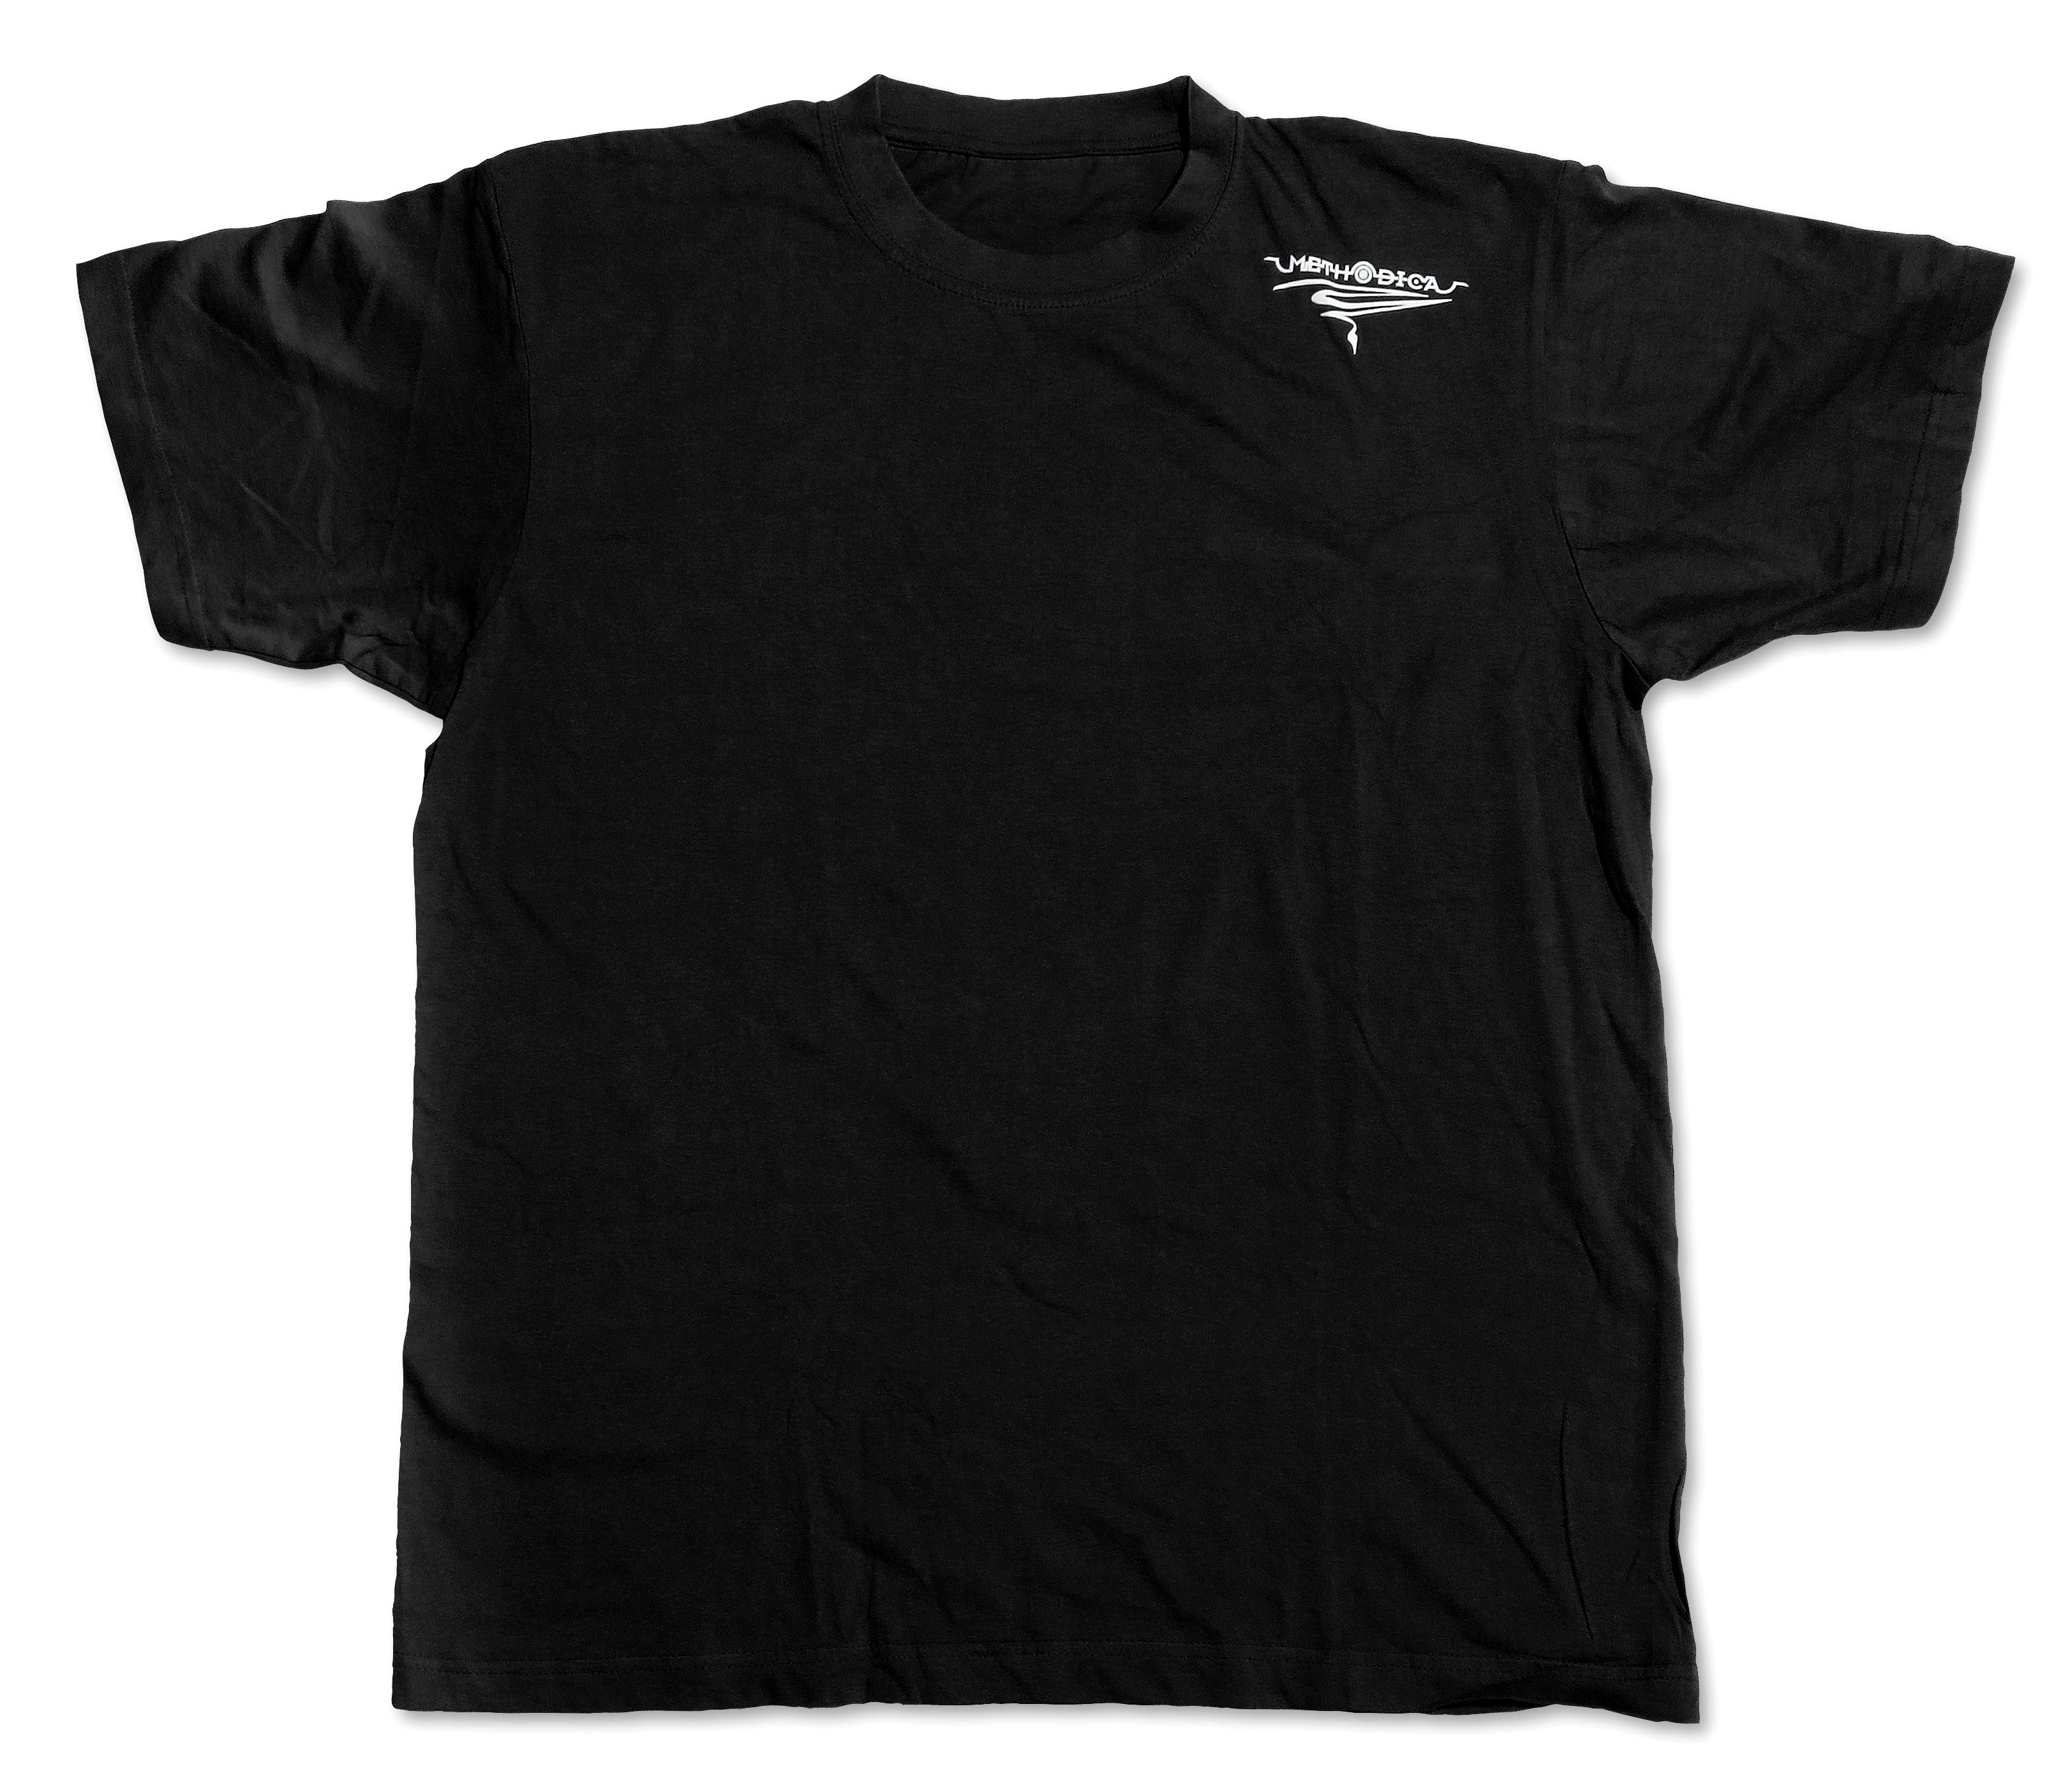 t-shirt SFR unisex black (front) size S  M  L  XL